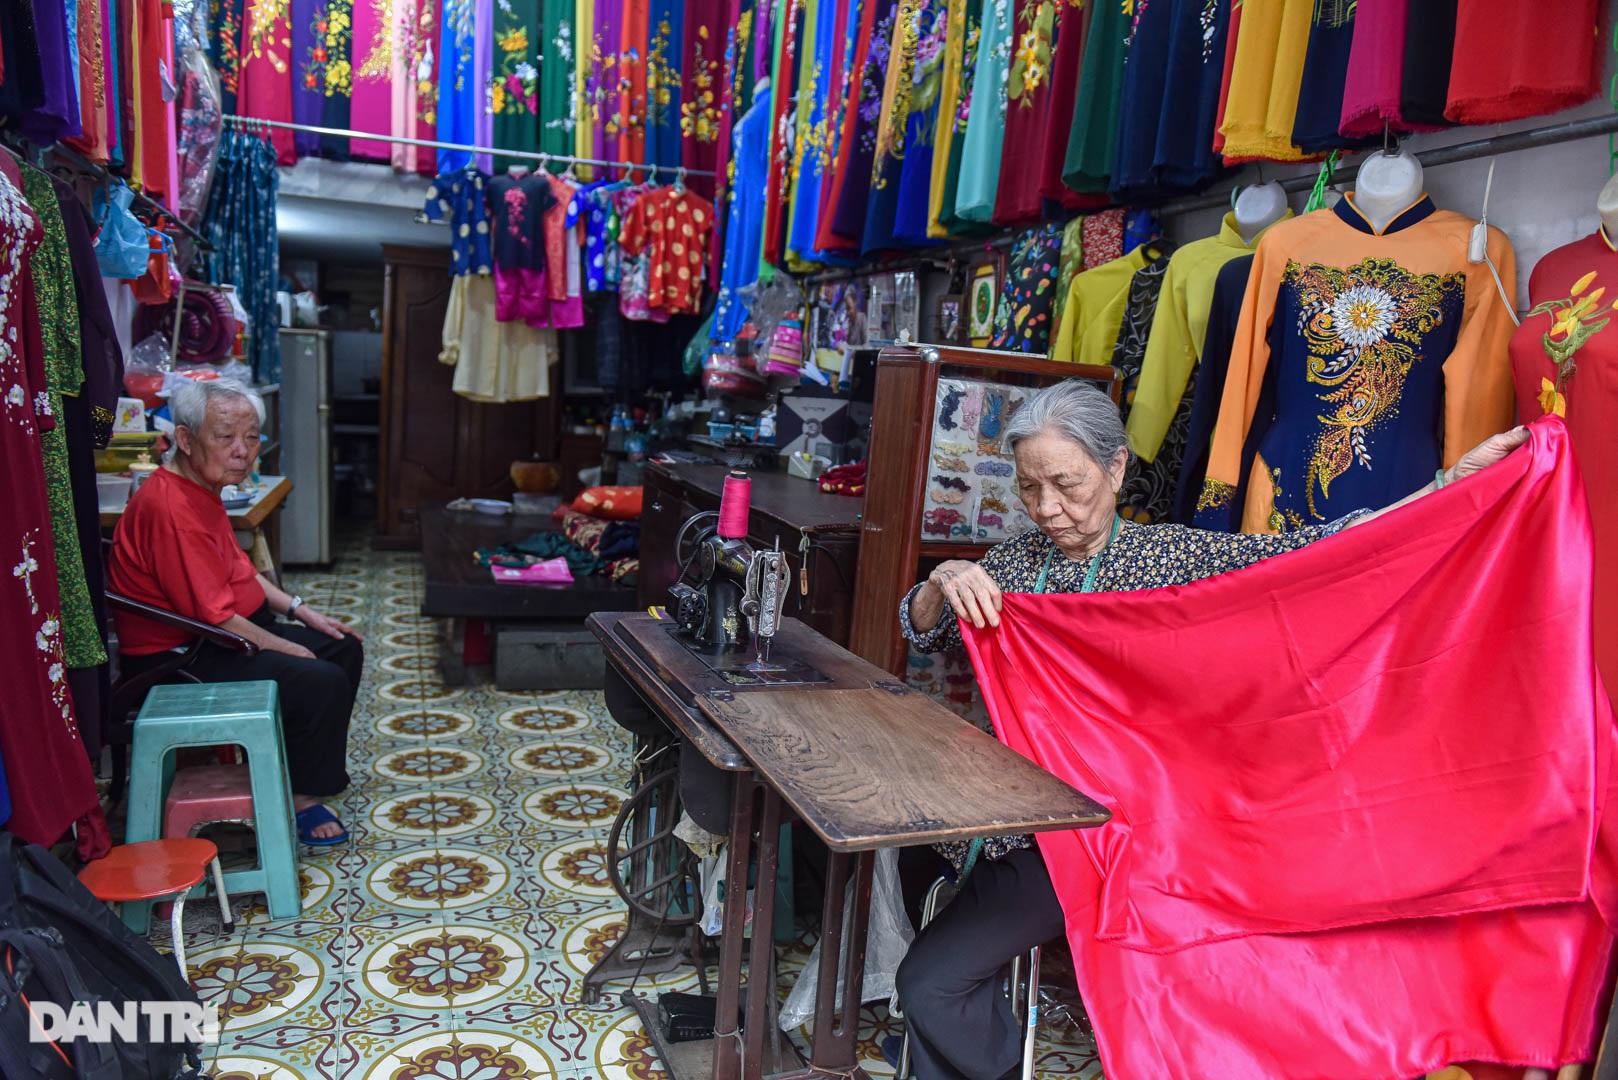 Tiệm áo dài 4 đời được trả 400 cây vàng mà không bán của cụ bà 81 tuổi - 4